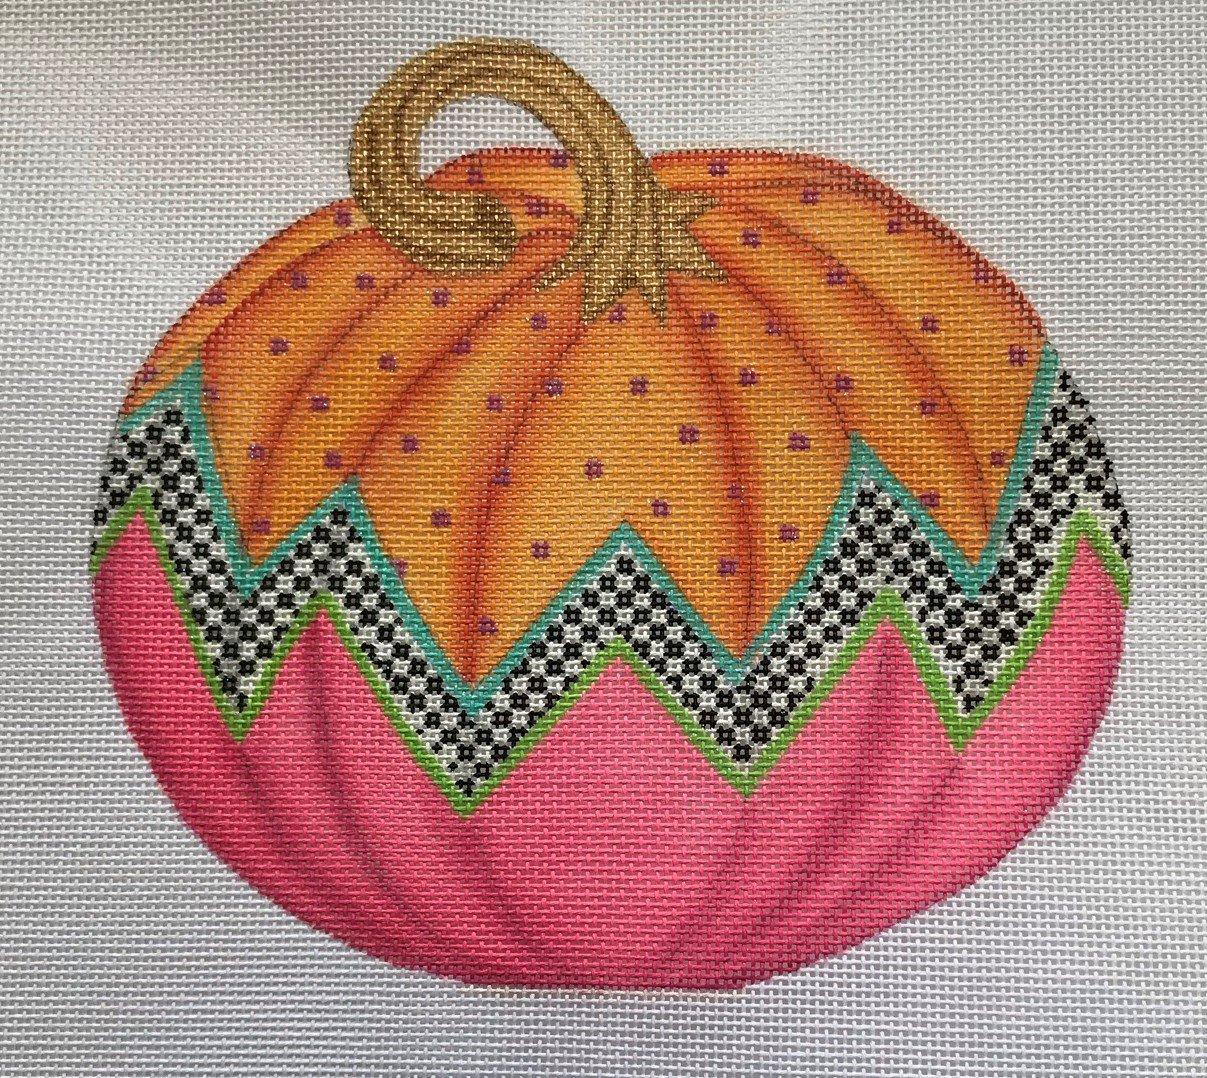 KDN/SST264 Funky Punkin #9 Orange Top/Checkerboard Zigzag, Watermelon Bottom